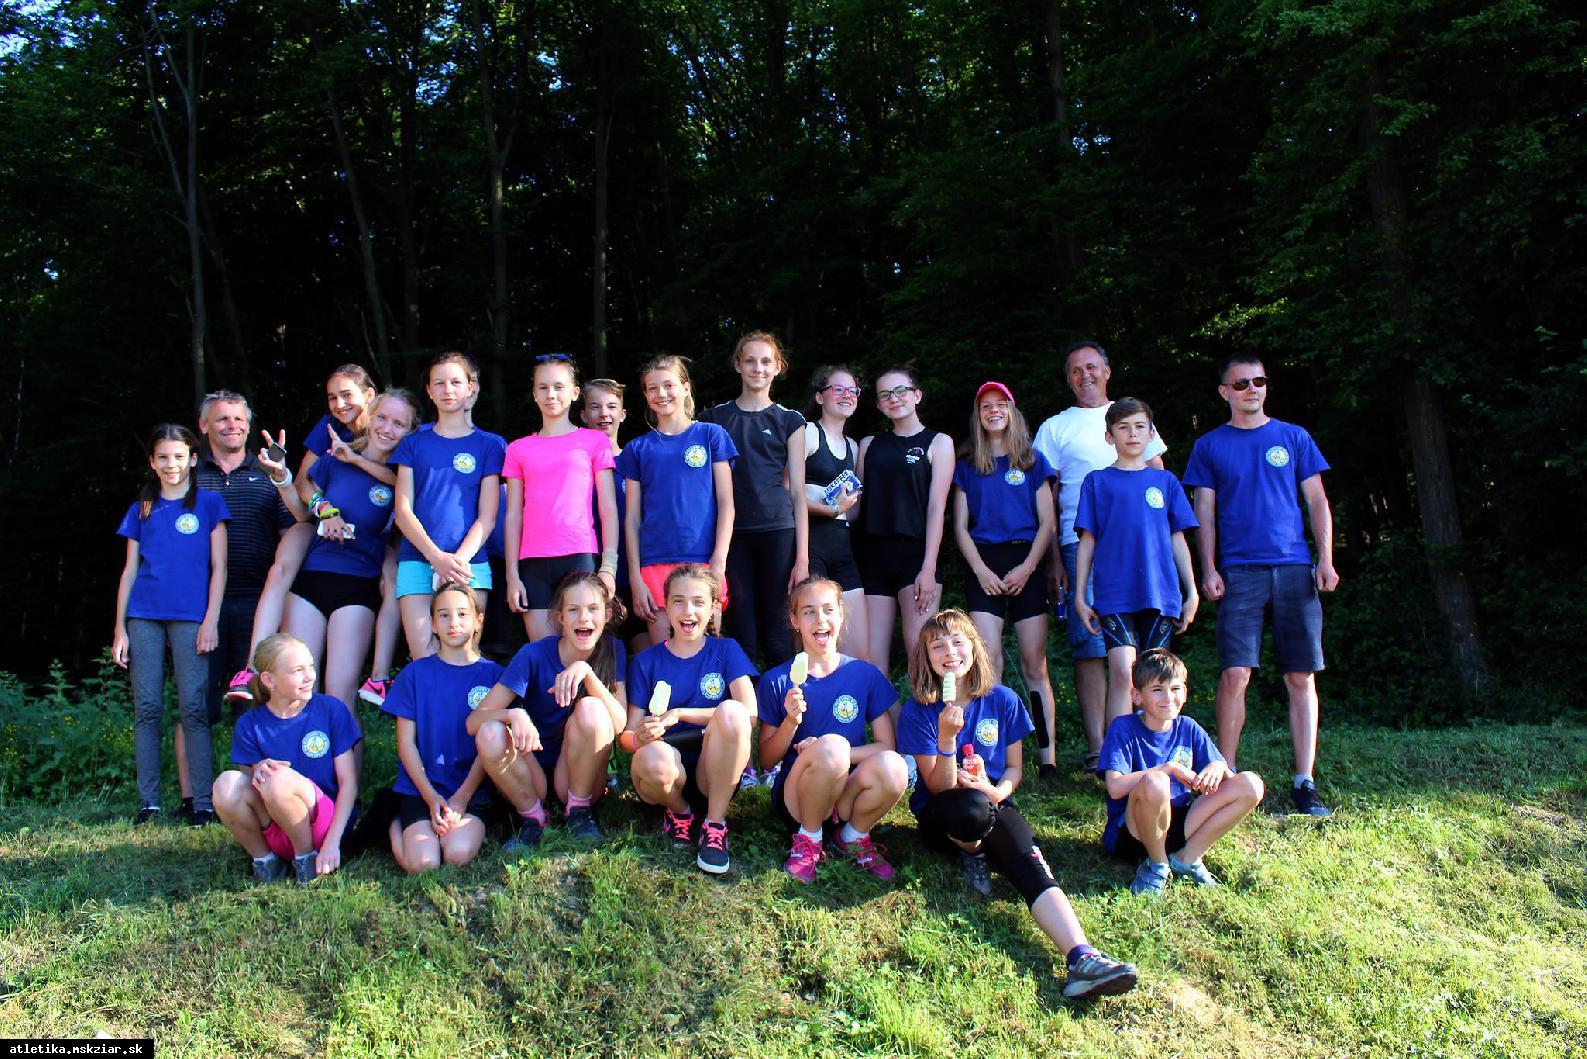 Atletický klub o ďalší krok bližšie k veľkému úspechu